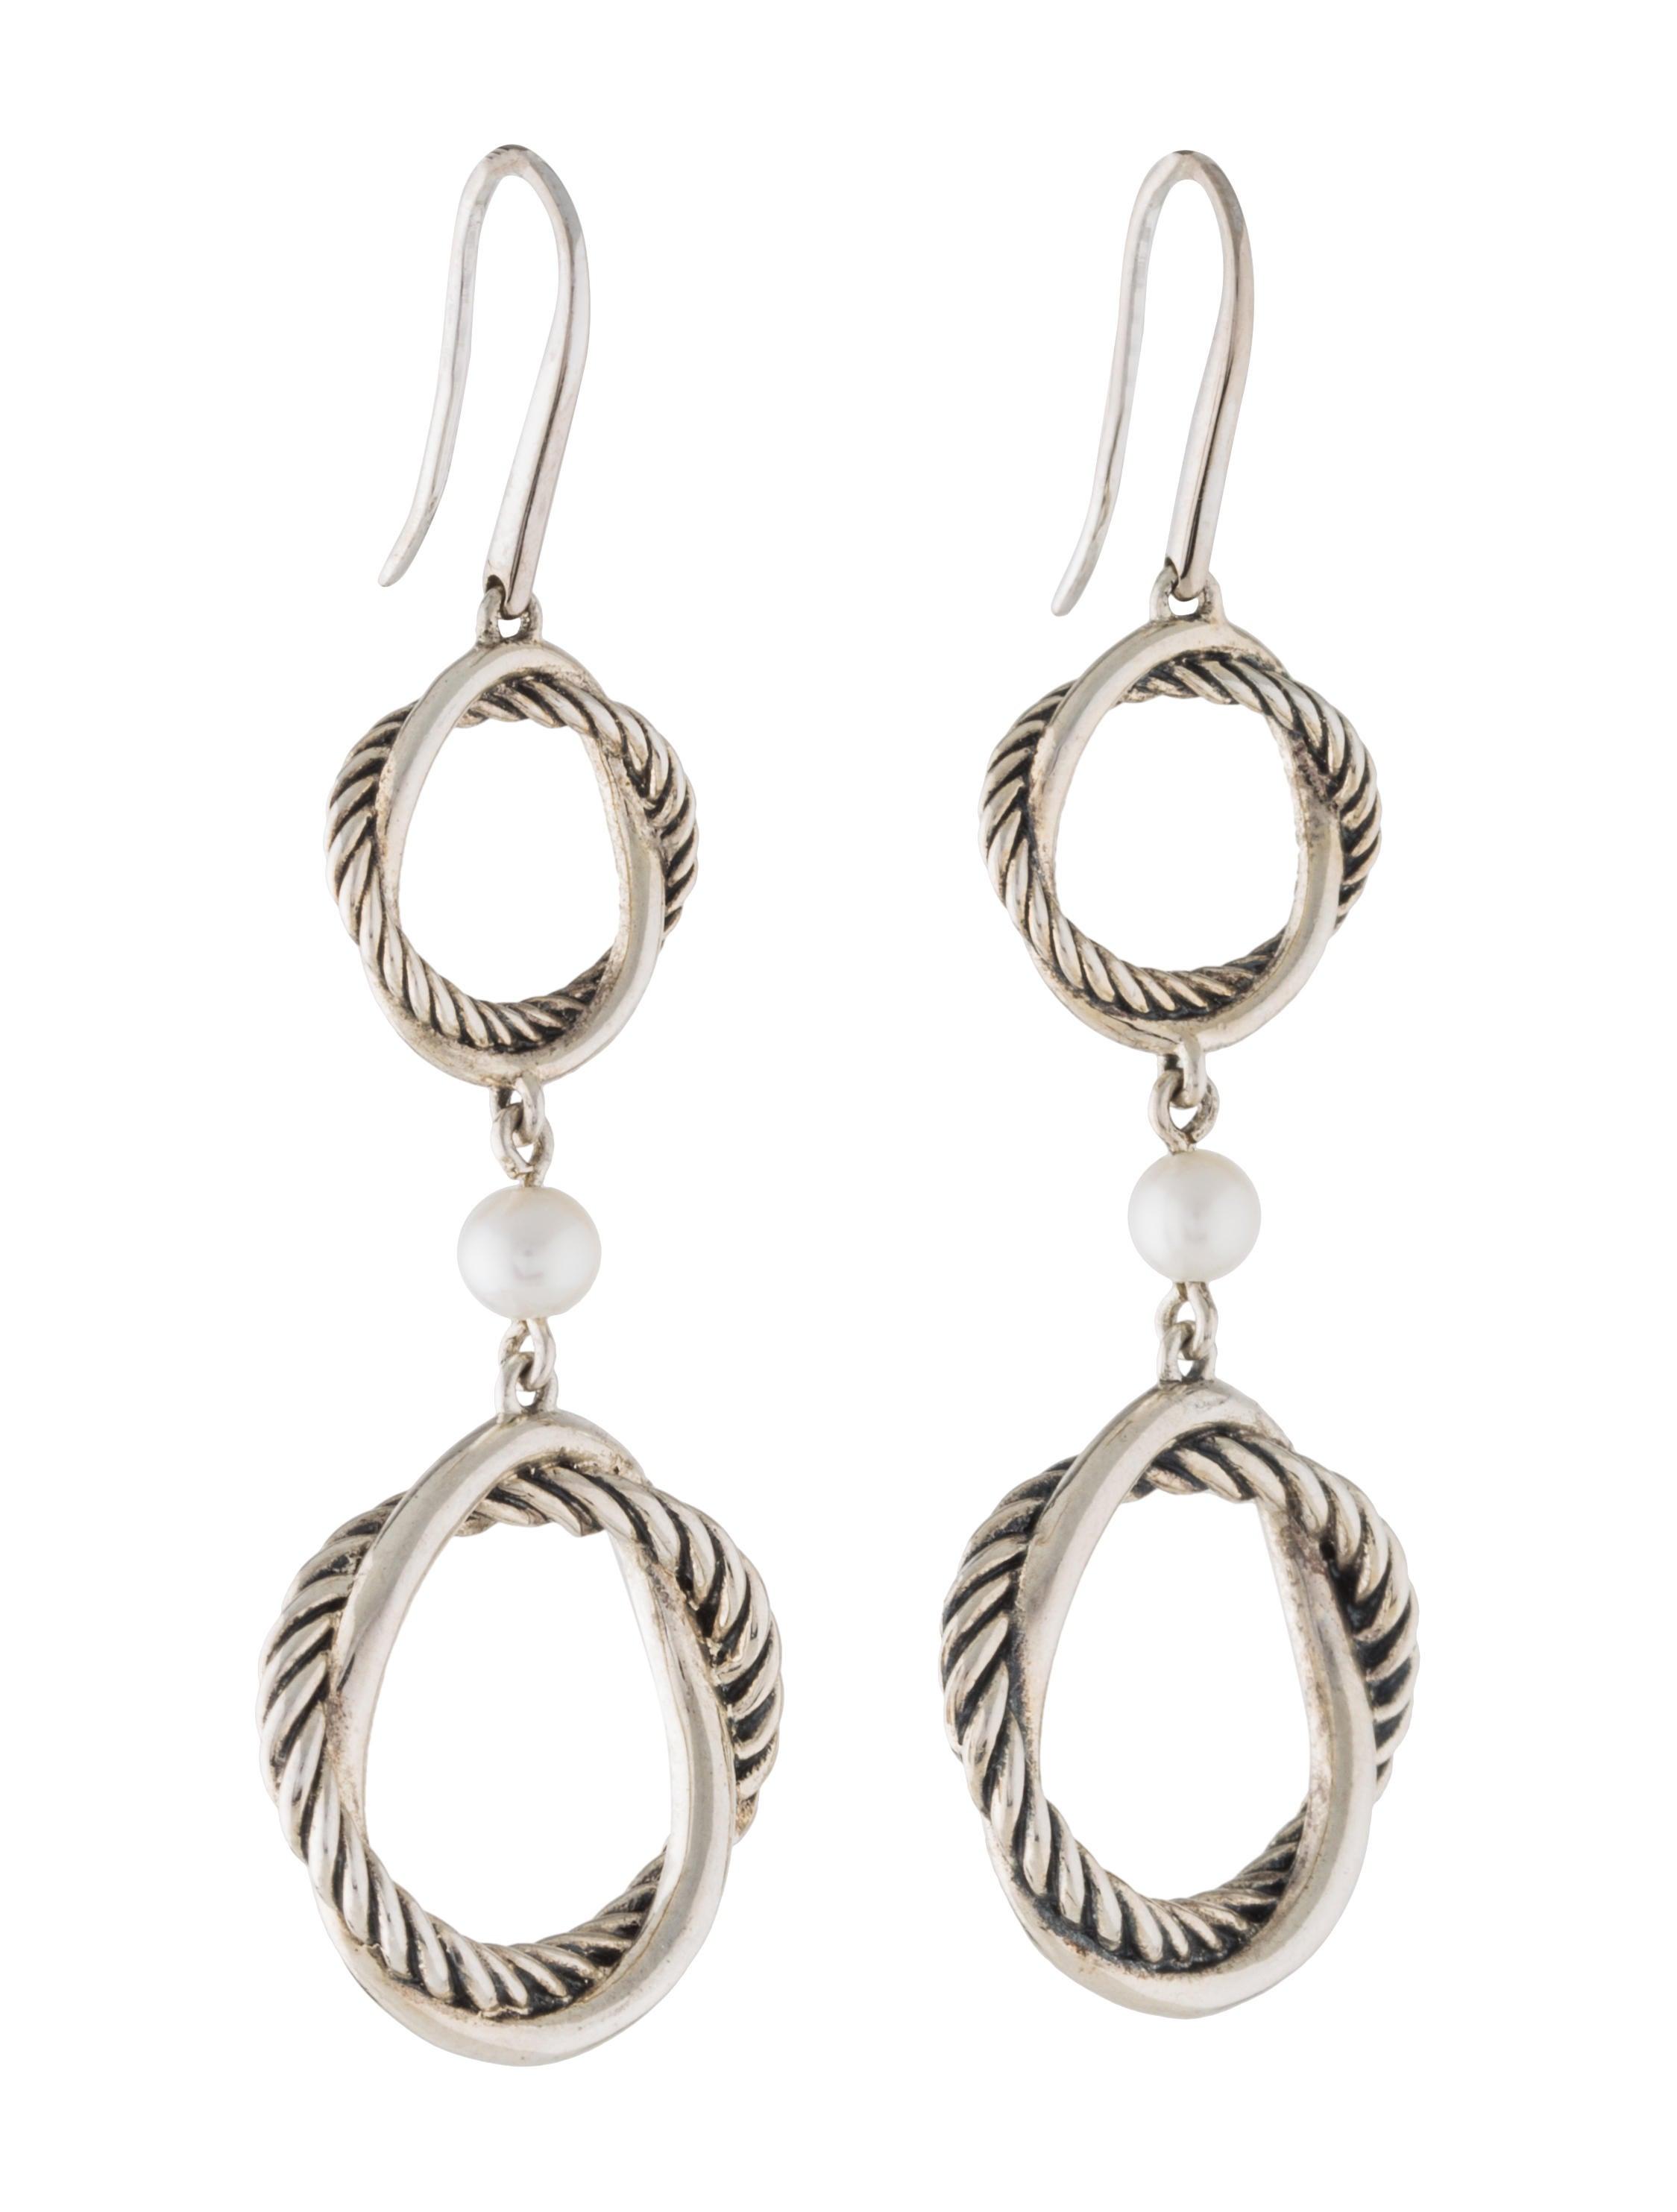 David Yurman Infinity Pearl Drop Earrings Earrings